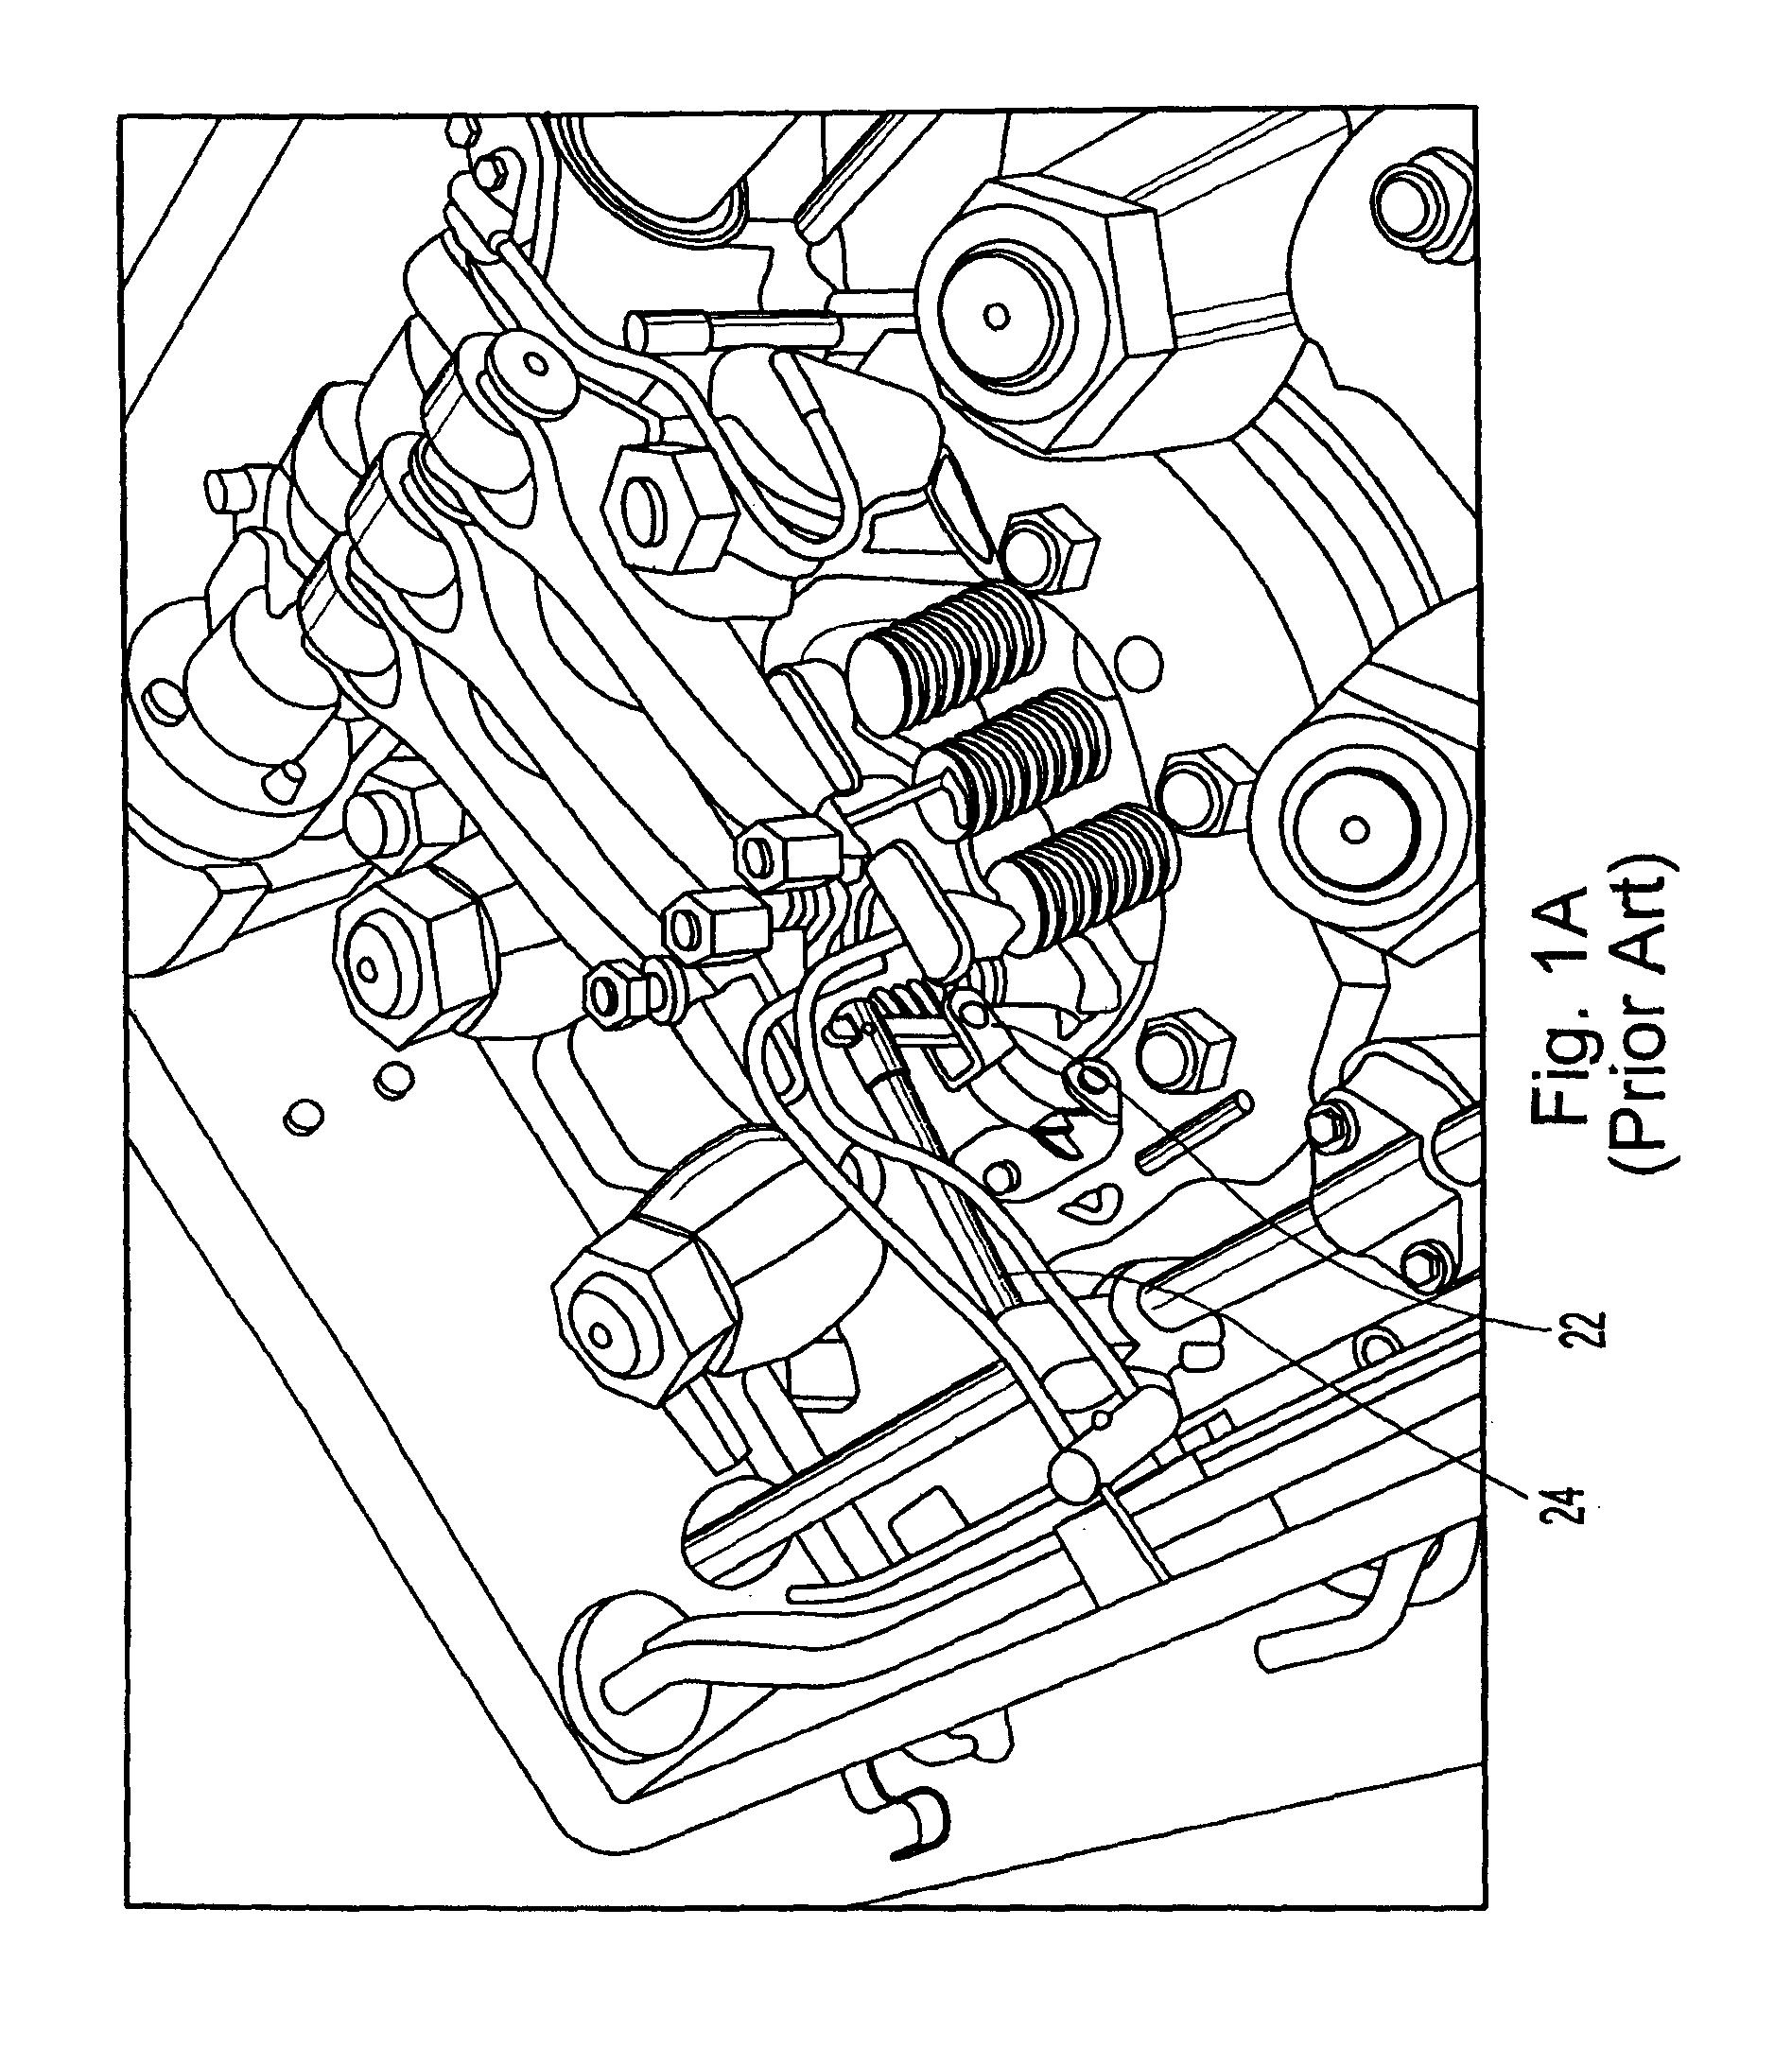 diesel engine drawing at getdrawings com